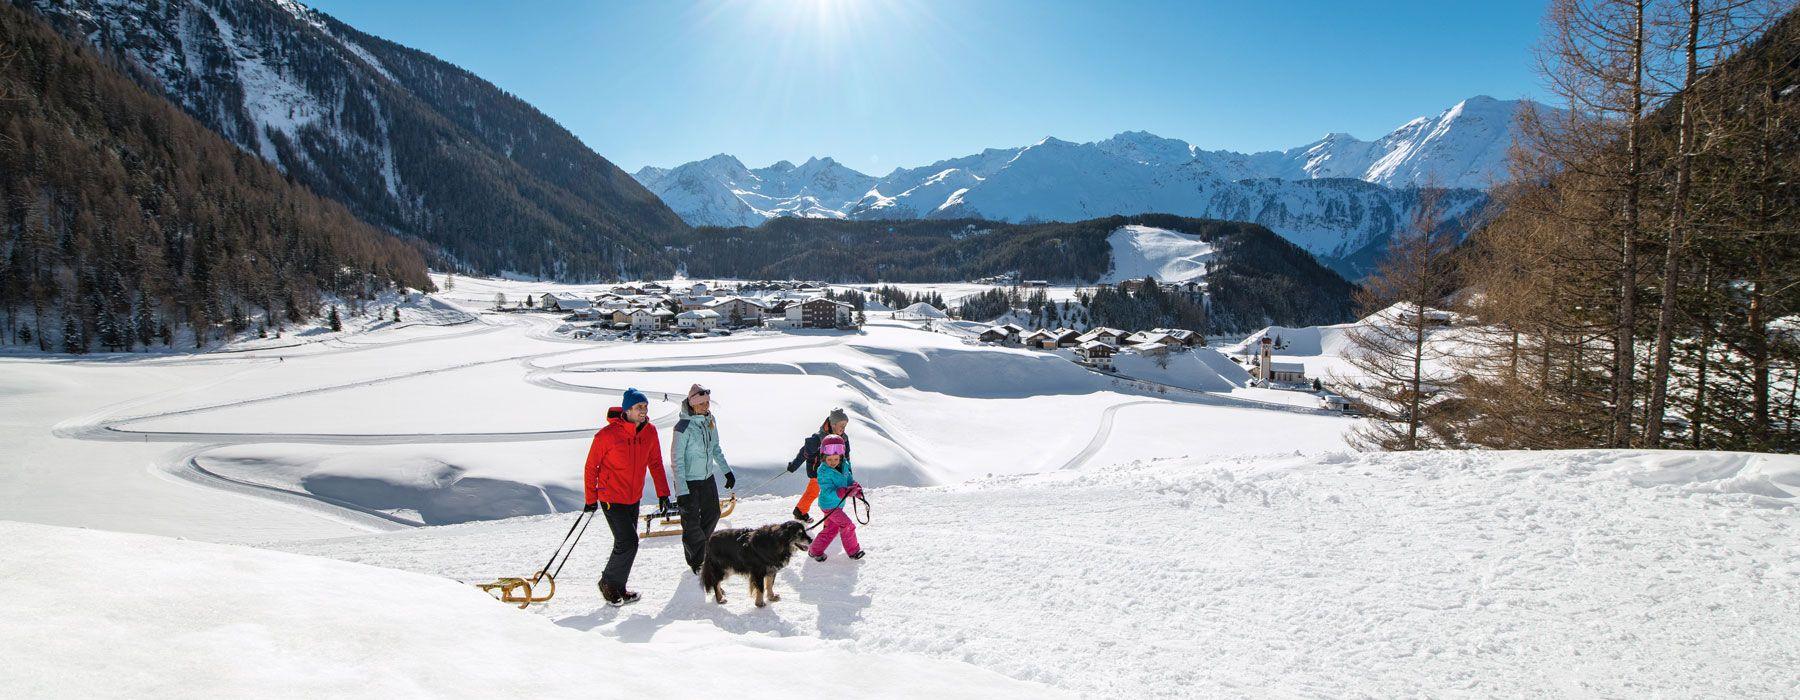 Winterurlaub in Niederthai